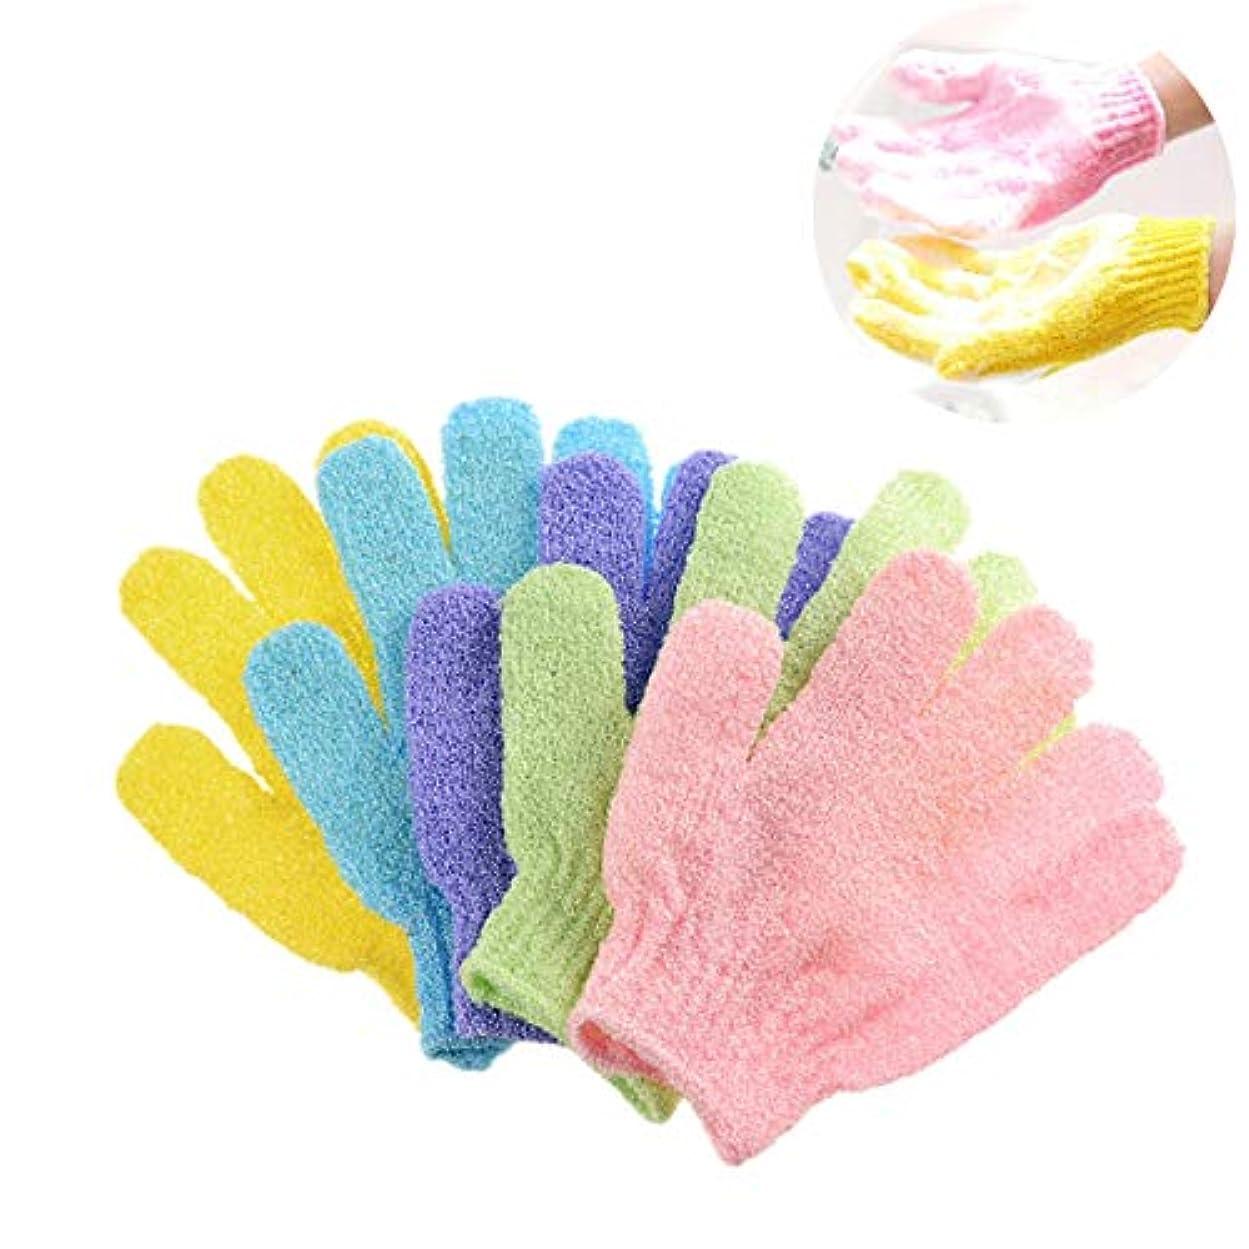 フロー本蓮Kingsie 浴用手袋 10枚セット(5ペア) ボディウォッシュ手袋 お風呂手袋 角質除去 角質取り 泡立ち 垢すり グローブ